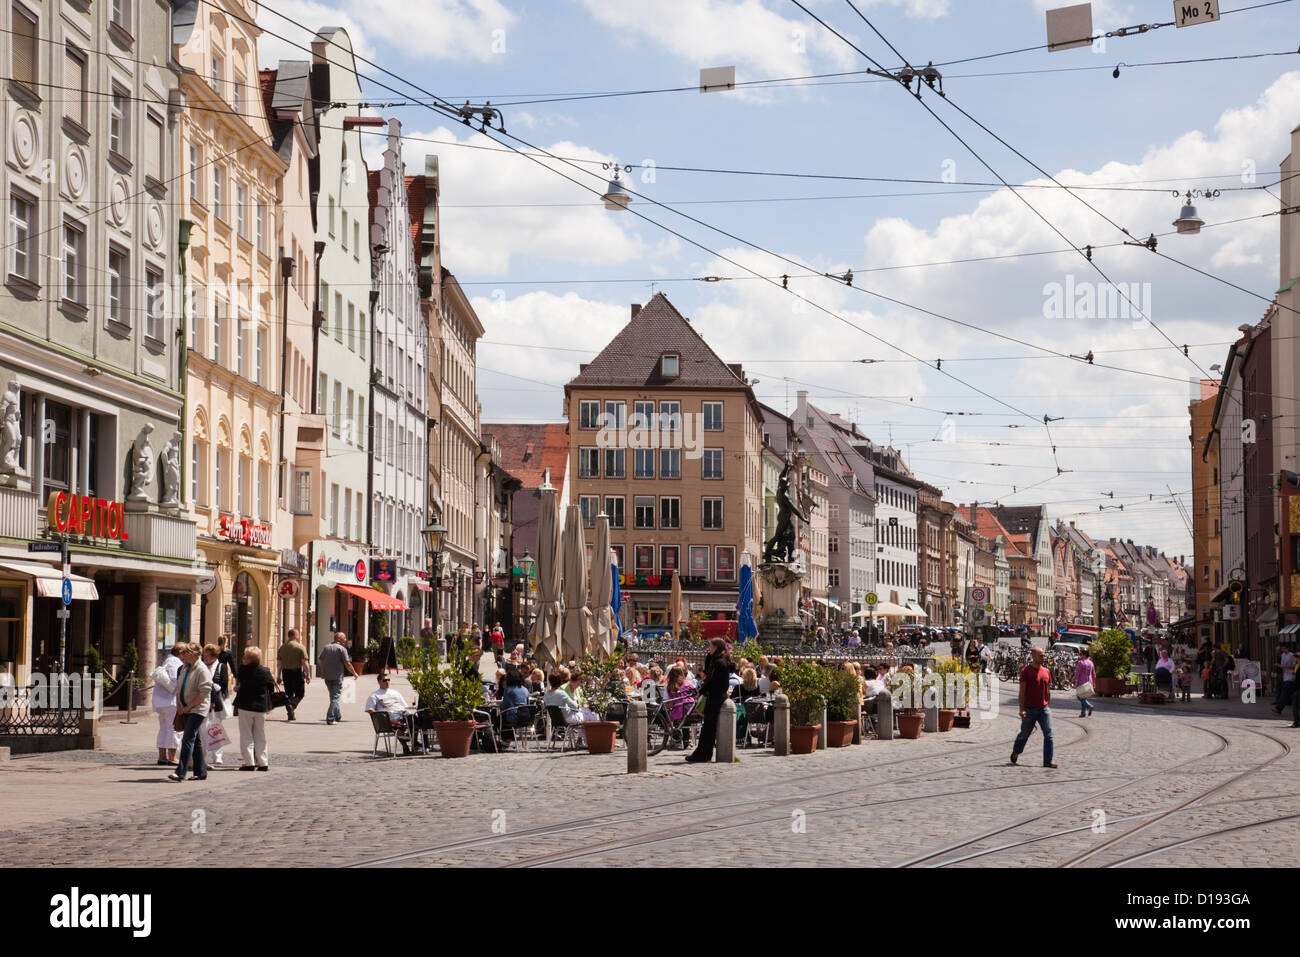 Stadtzentrum Straßenszene mit obenliegenden Straßenbahnlinien und Menschen Essen im Freien in Straßencafés Stockbild